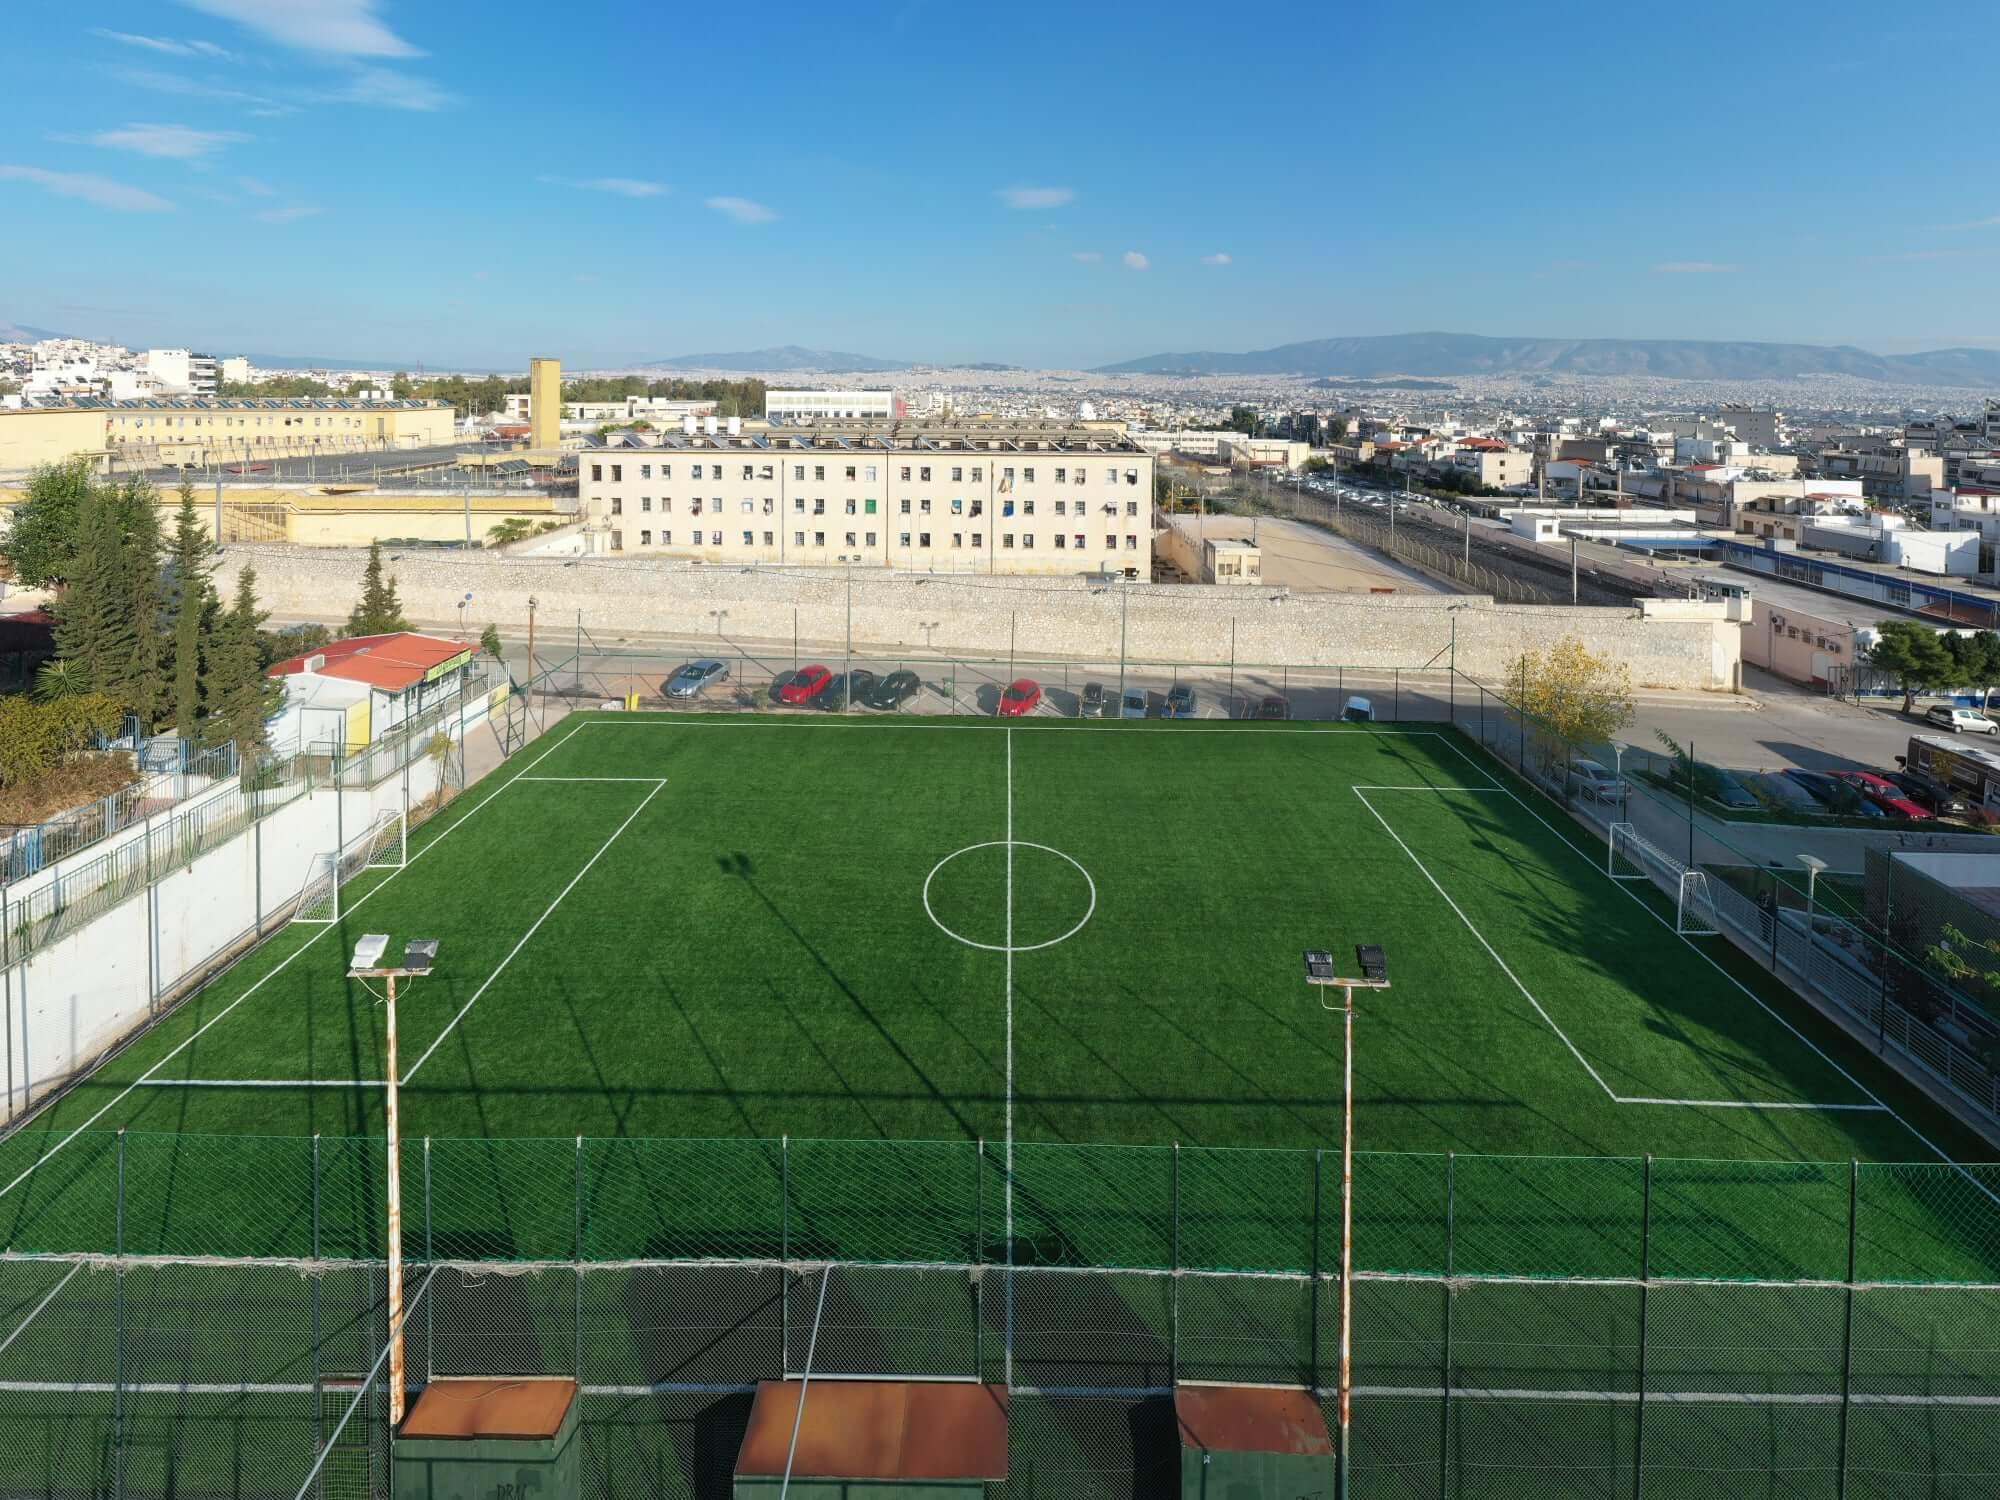 Κορυδαλλός : Ολοκληρώθηκε η μετατροπή του ποδοσφαιρικού γηπέδου στην περιοχή του ασύλου από 5x5 σε 7x7